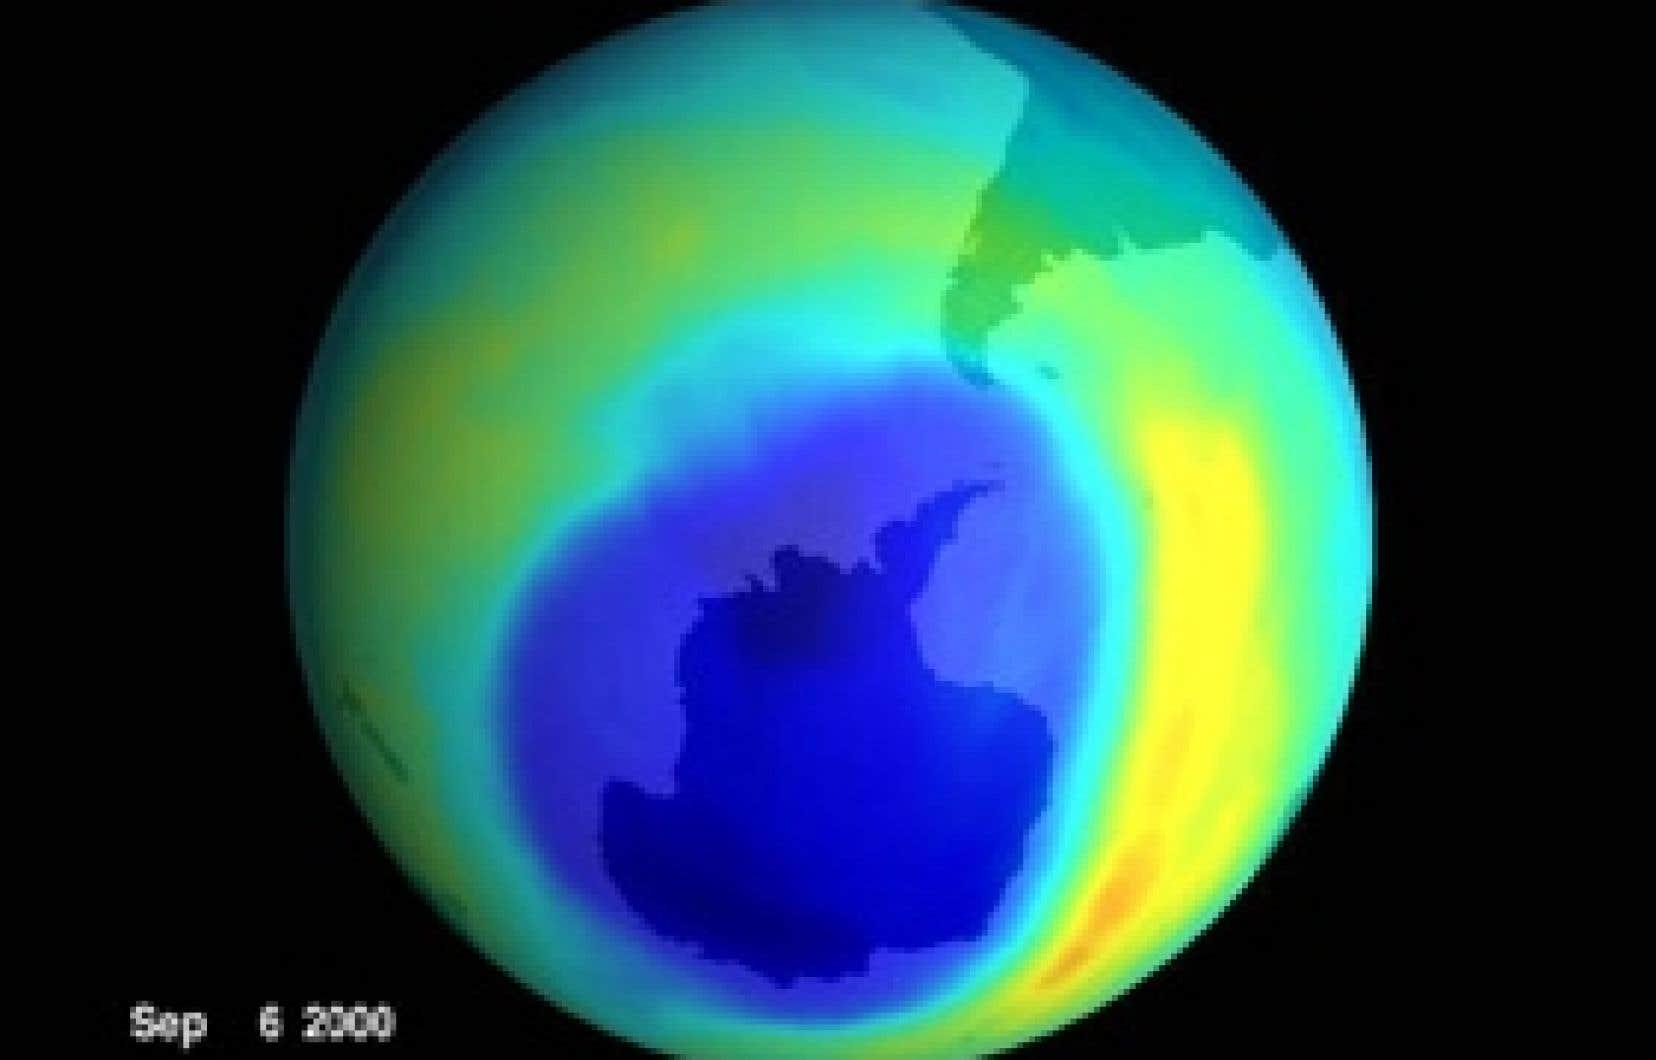 Le «trou» dans la couche d'ozone au-dessus de l'Antarctique, photographié par la NASA en 2000.